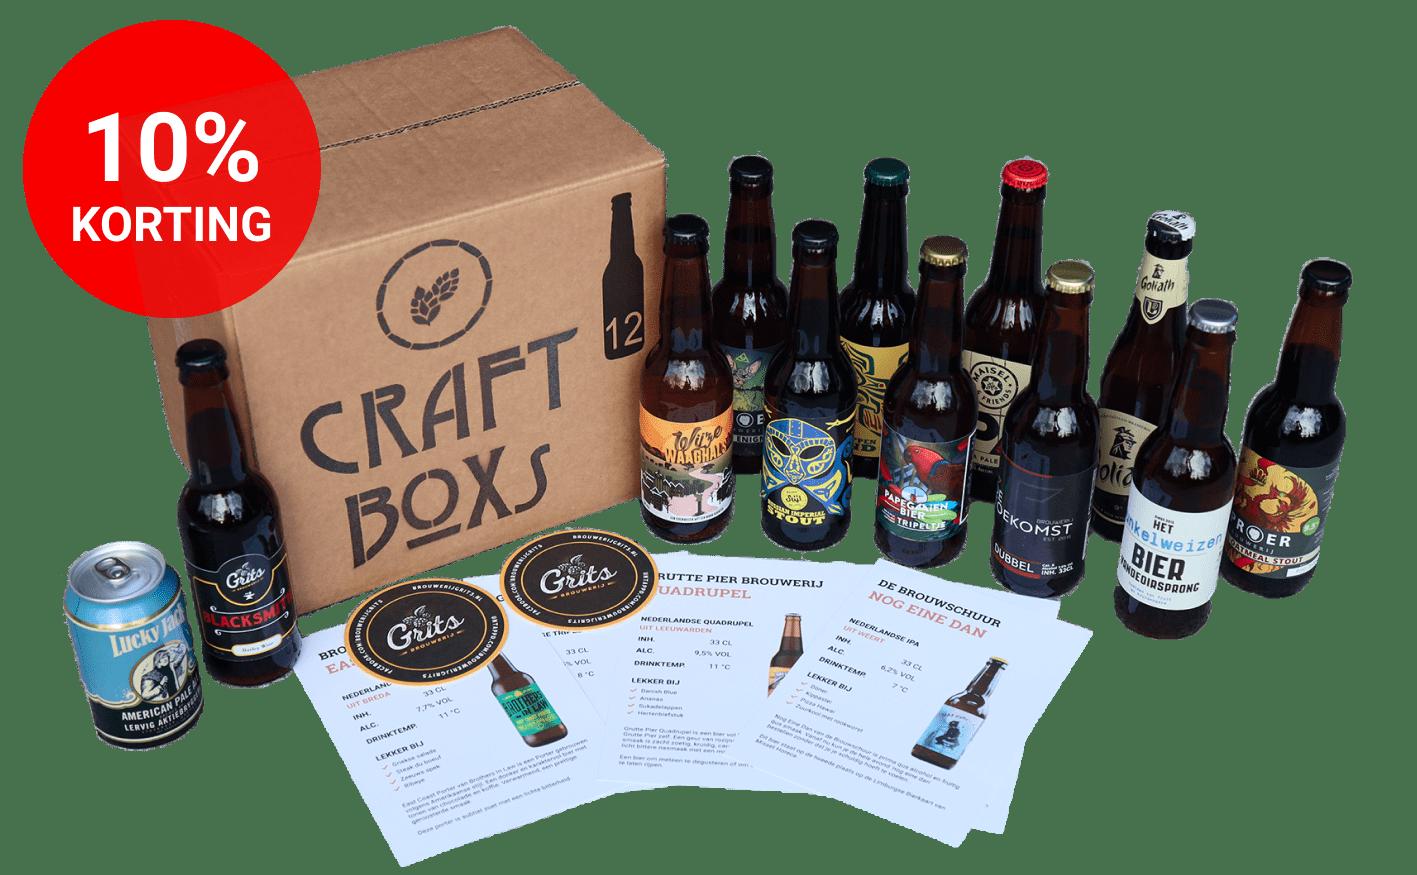 CraftBoxs pakket met 12 unieke speciaalbieren